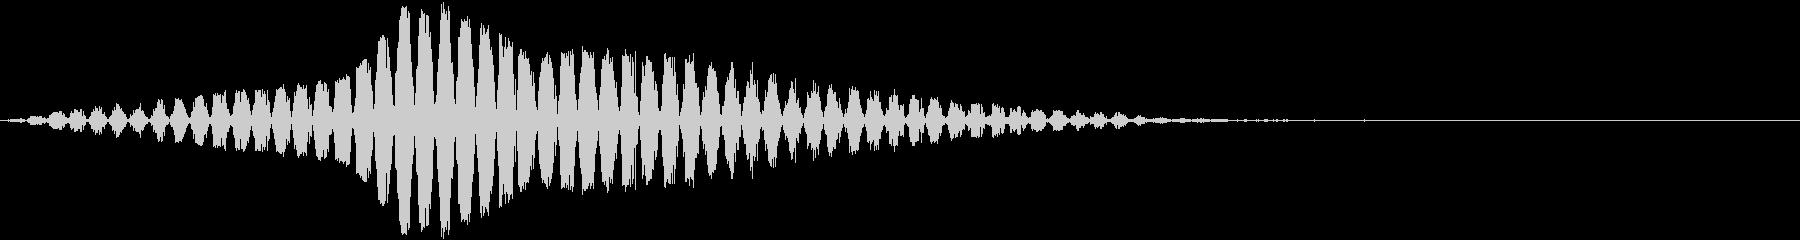 【SF演出】移動_23 キュイーンッ・・の未再生の波形